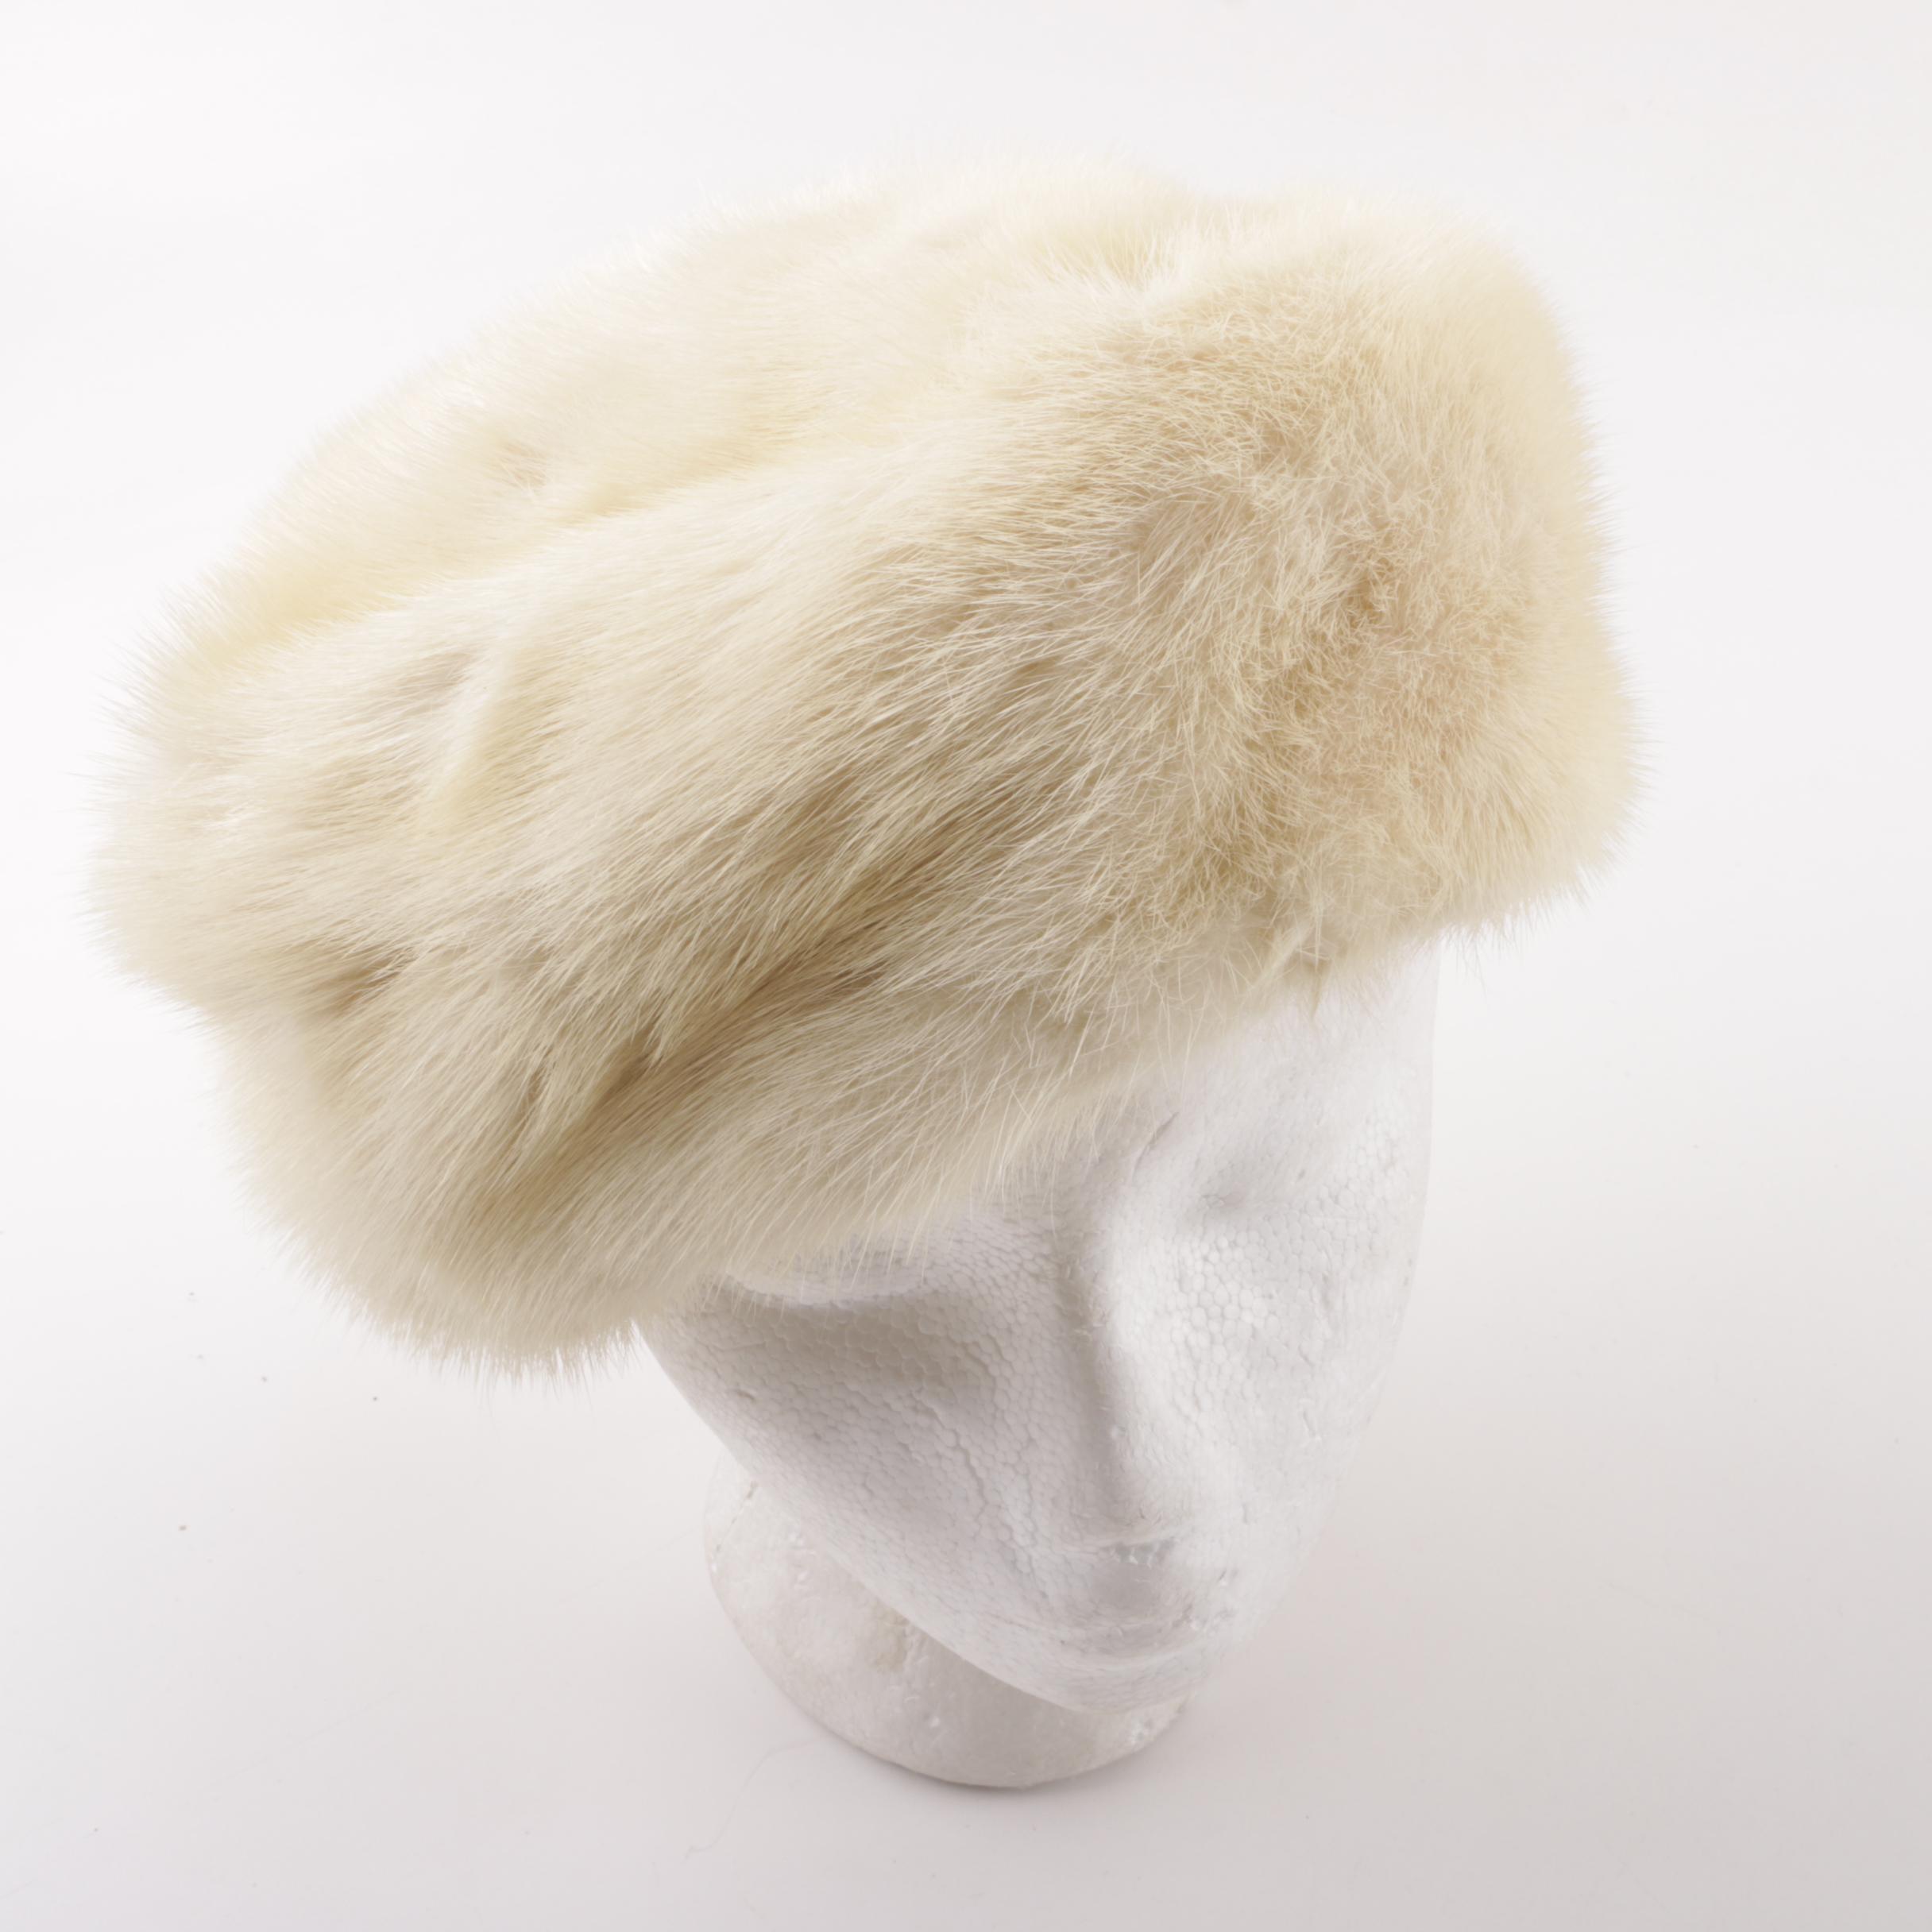 Vintage Ermine Fur Hat with Hat Pins